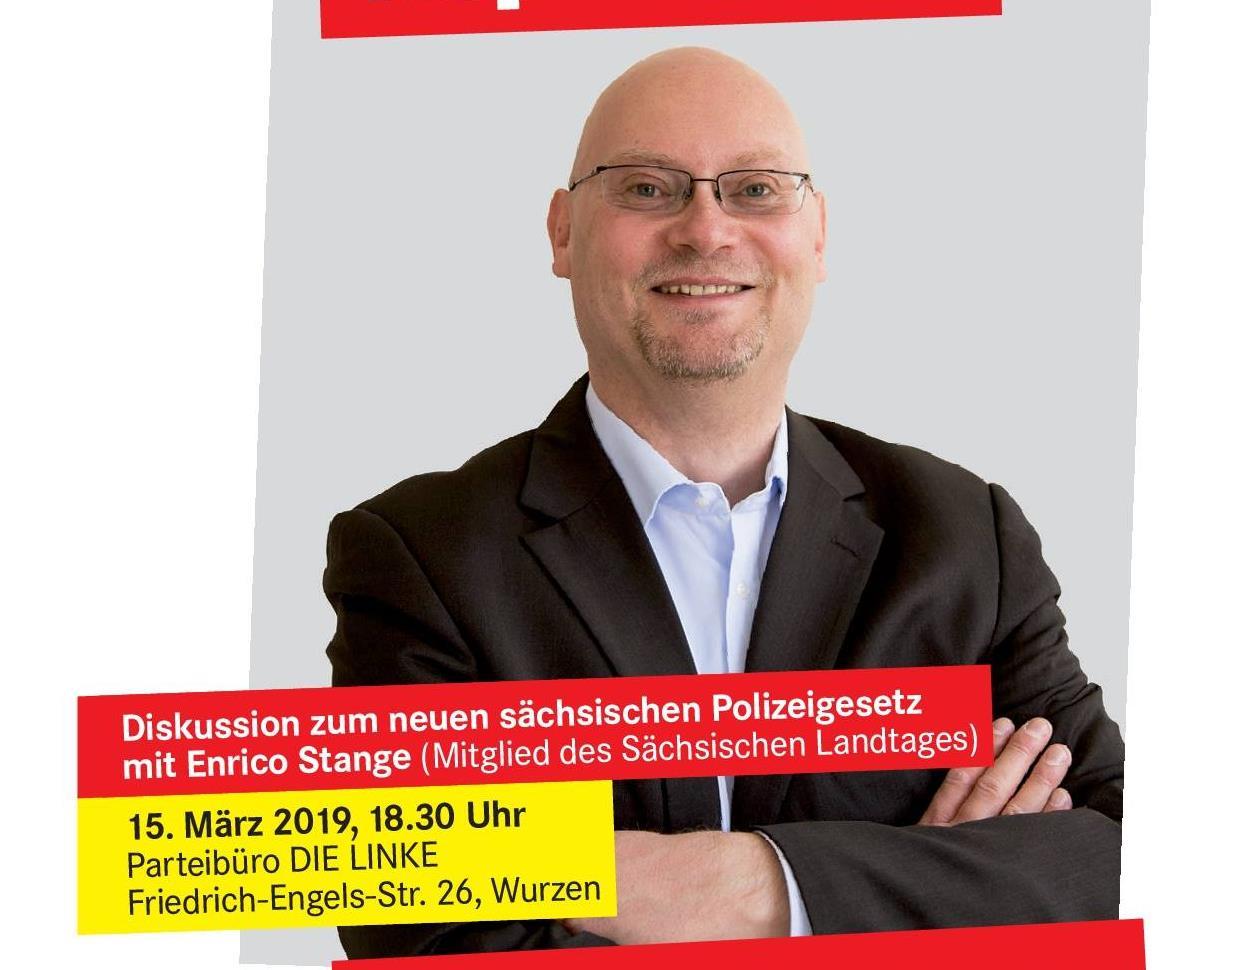 Freiheit versus Sicherheit – Diskussion zum neuen sächsischen Polizeigesetz